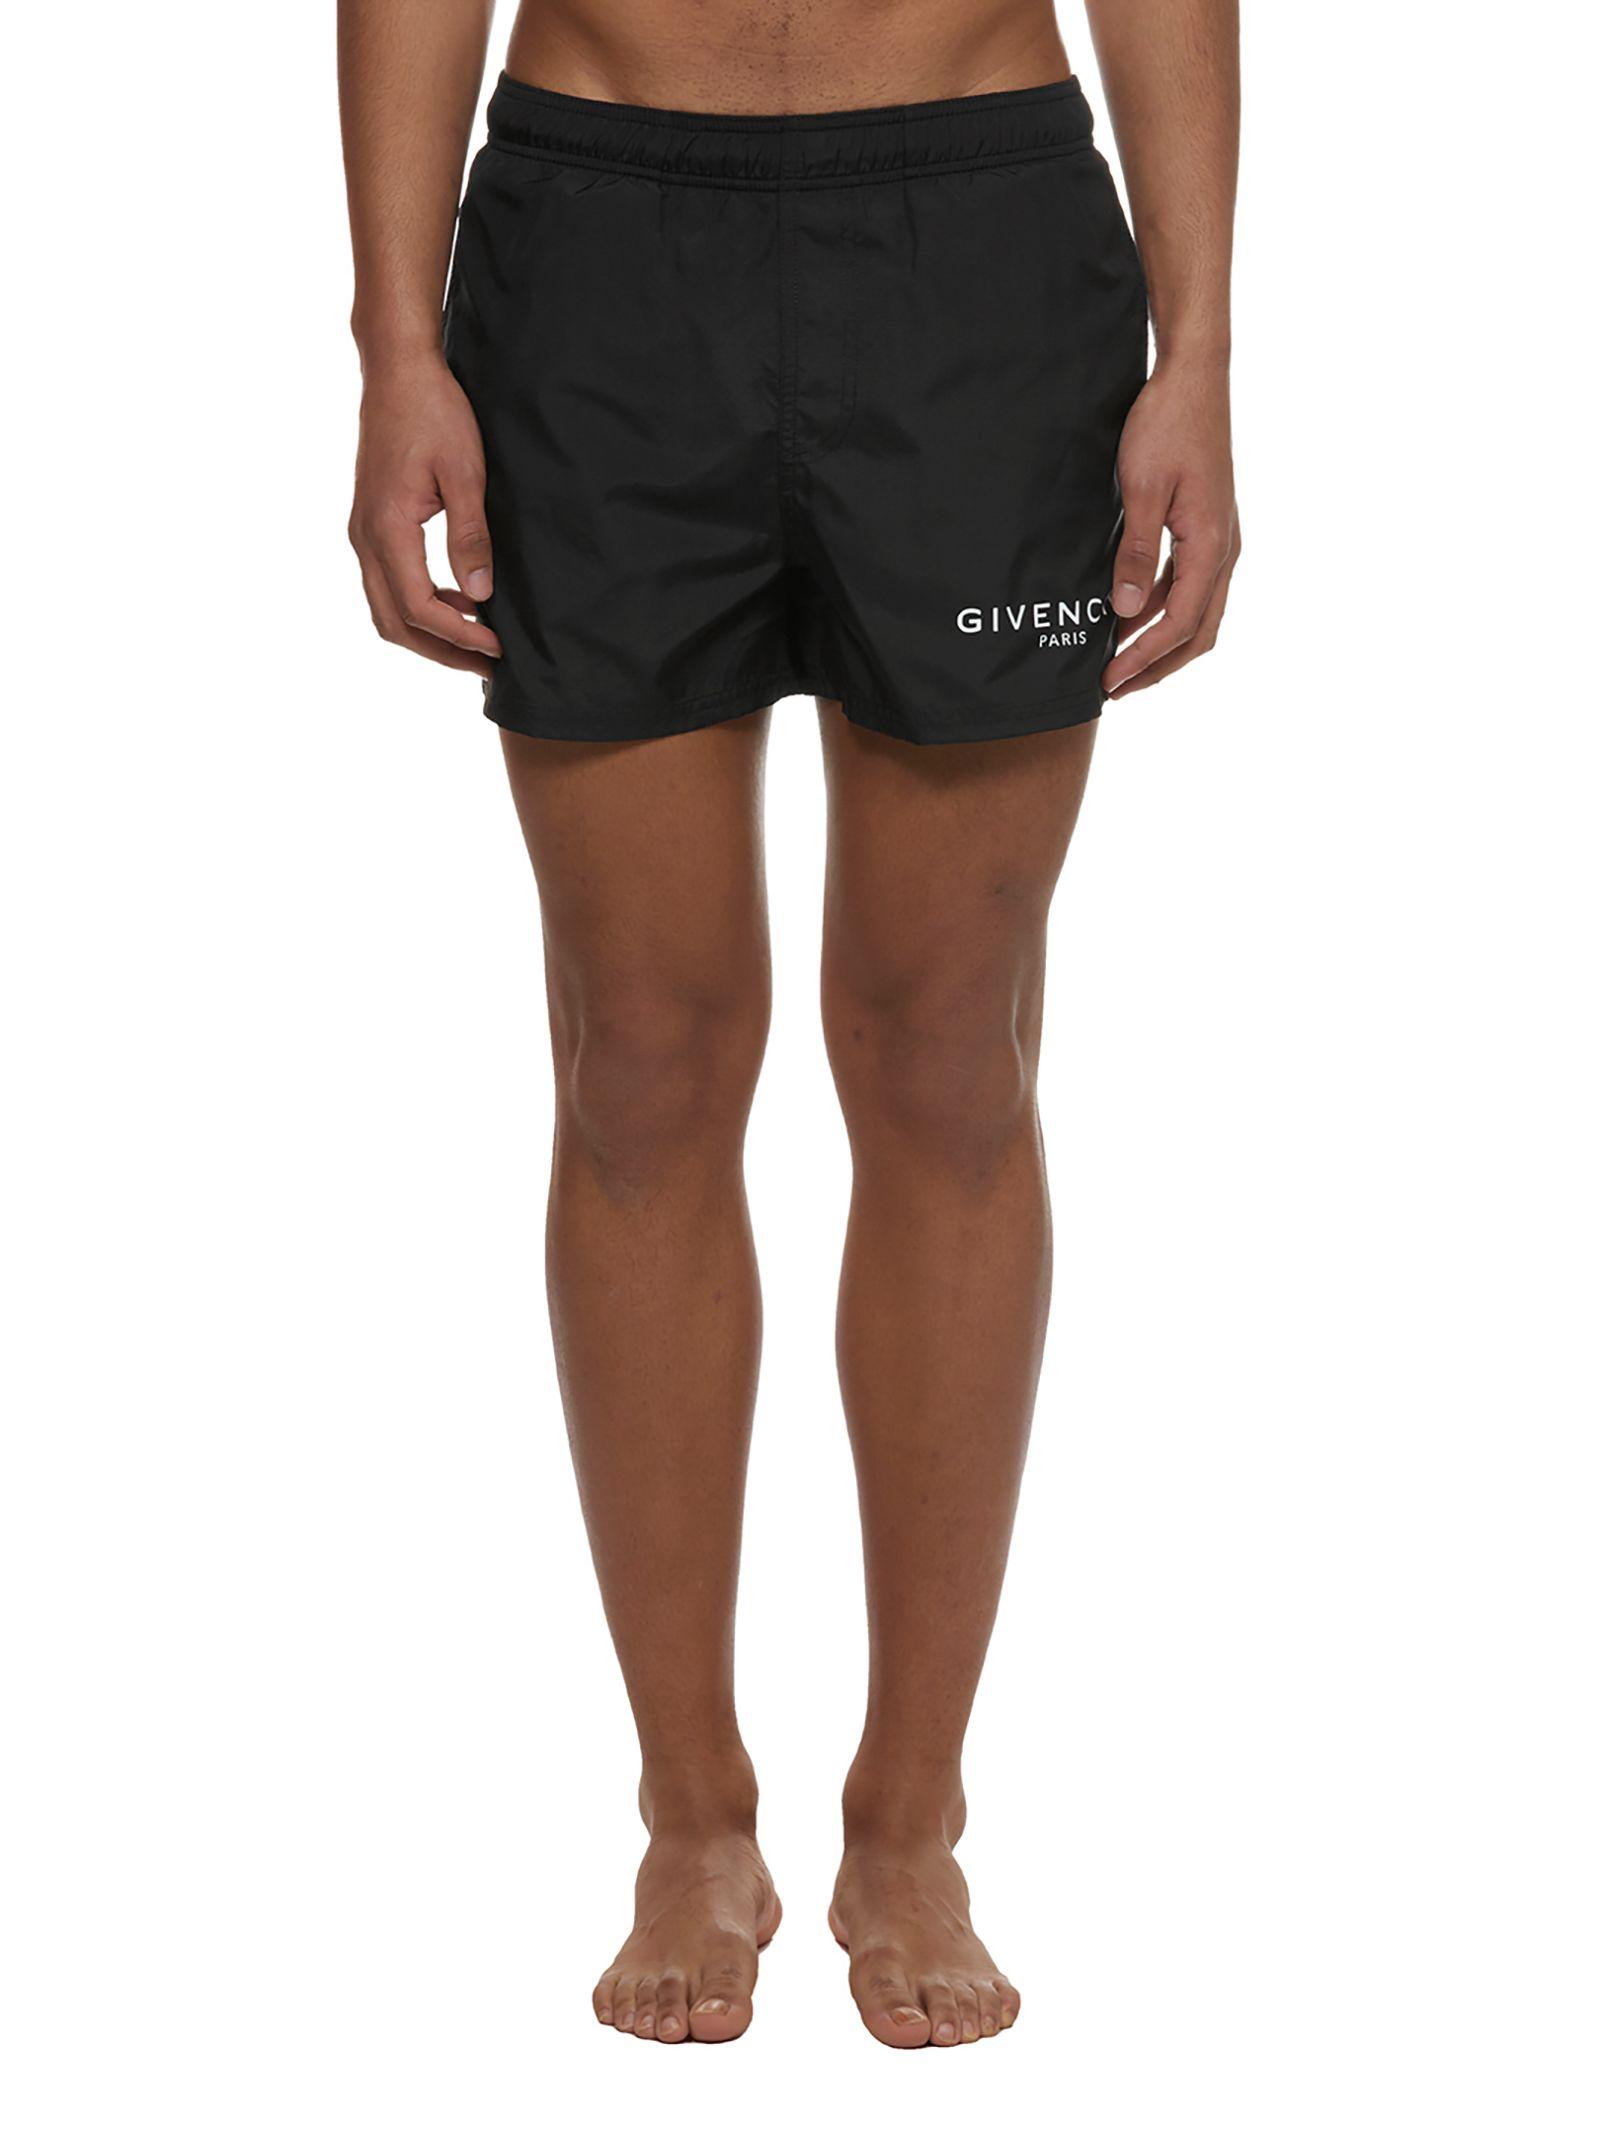 Givenchy Swimwear In Black